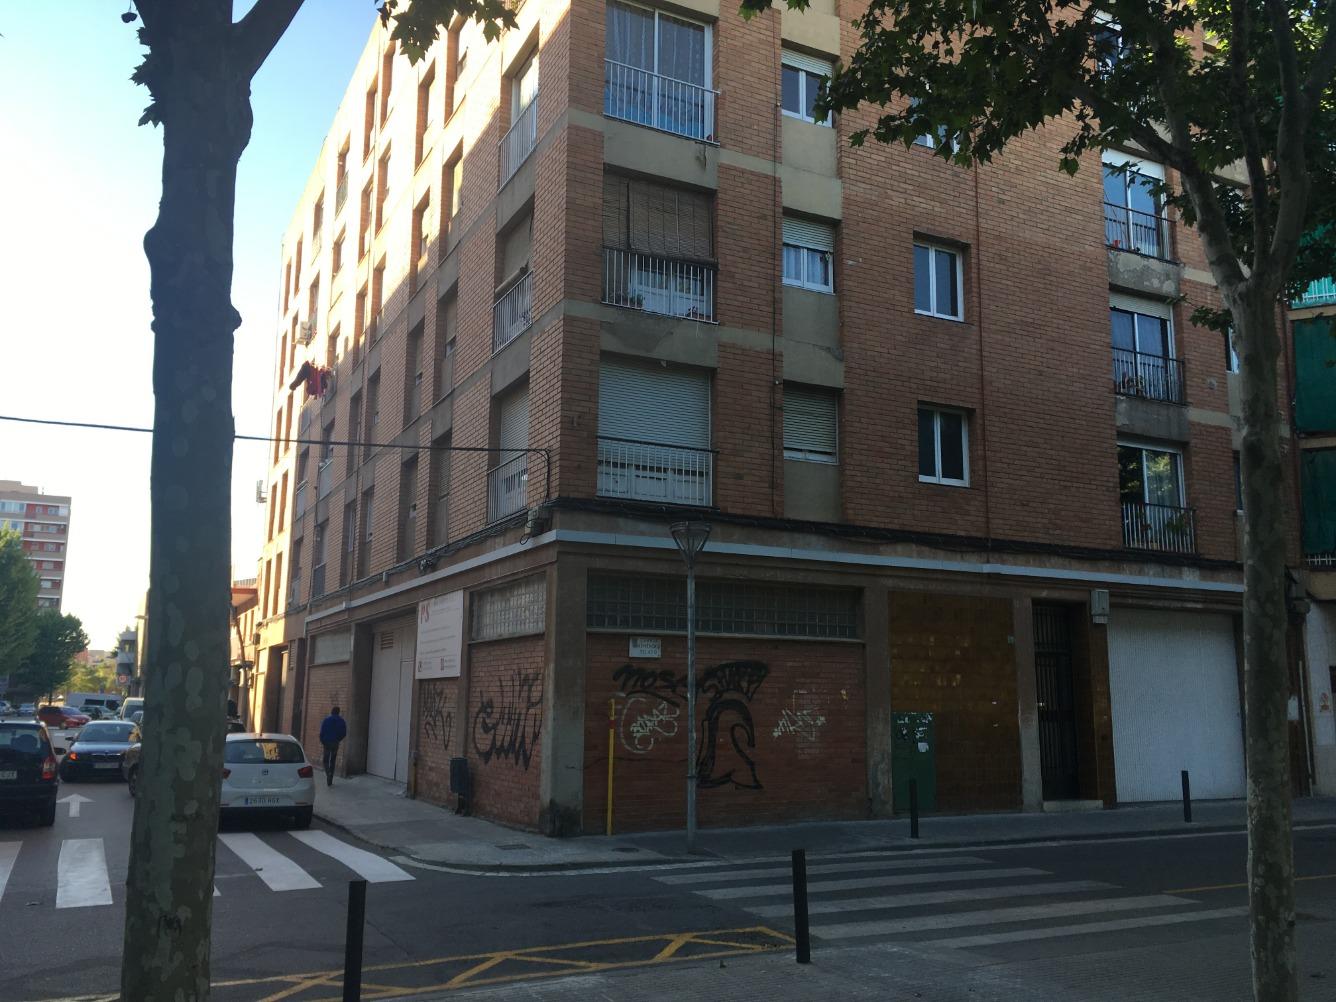 Edifici  Molins de rei, zona de - Molins de Rei. Se venden 10 pisos con inquilinos de renta antigua y dos locales